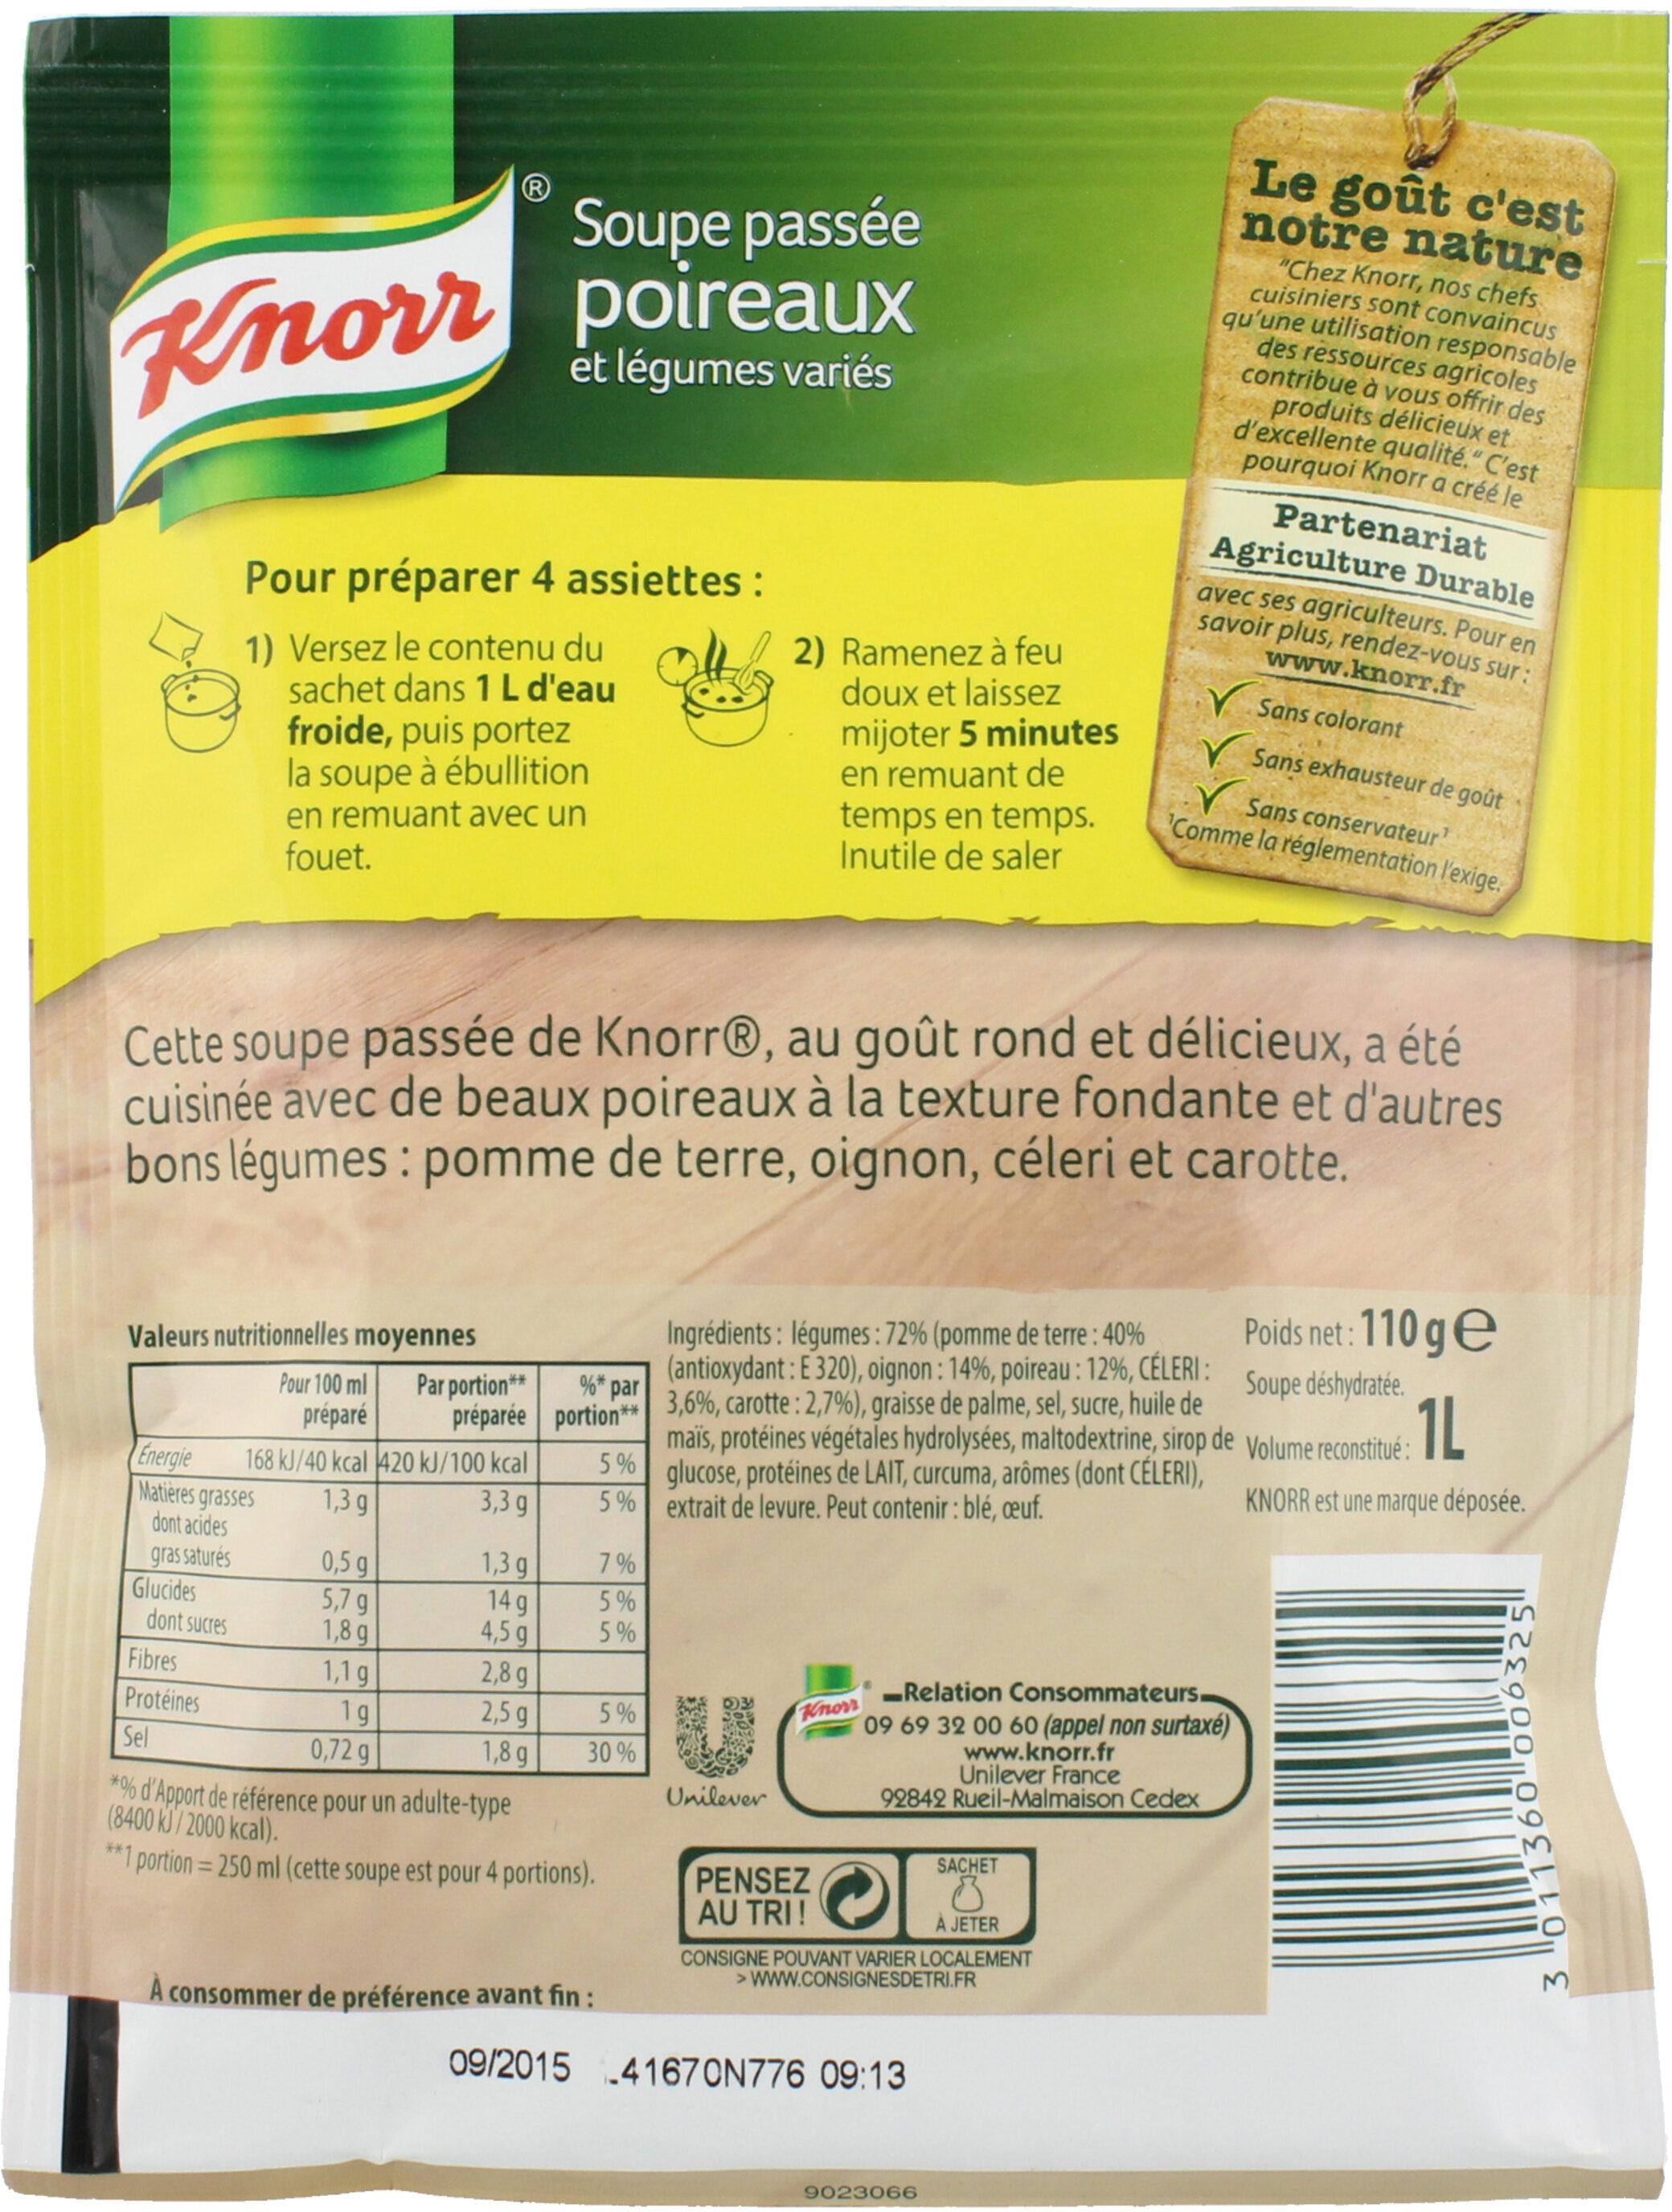 Knorr Soupe Passée Poireaux Légumes Variés 110g 4 Portions - 栄養成分表 - fr